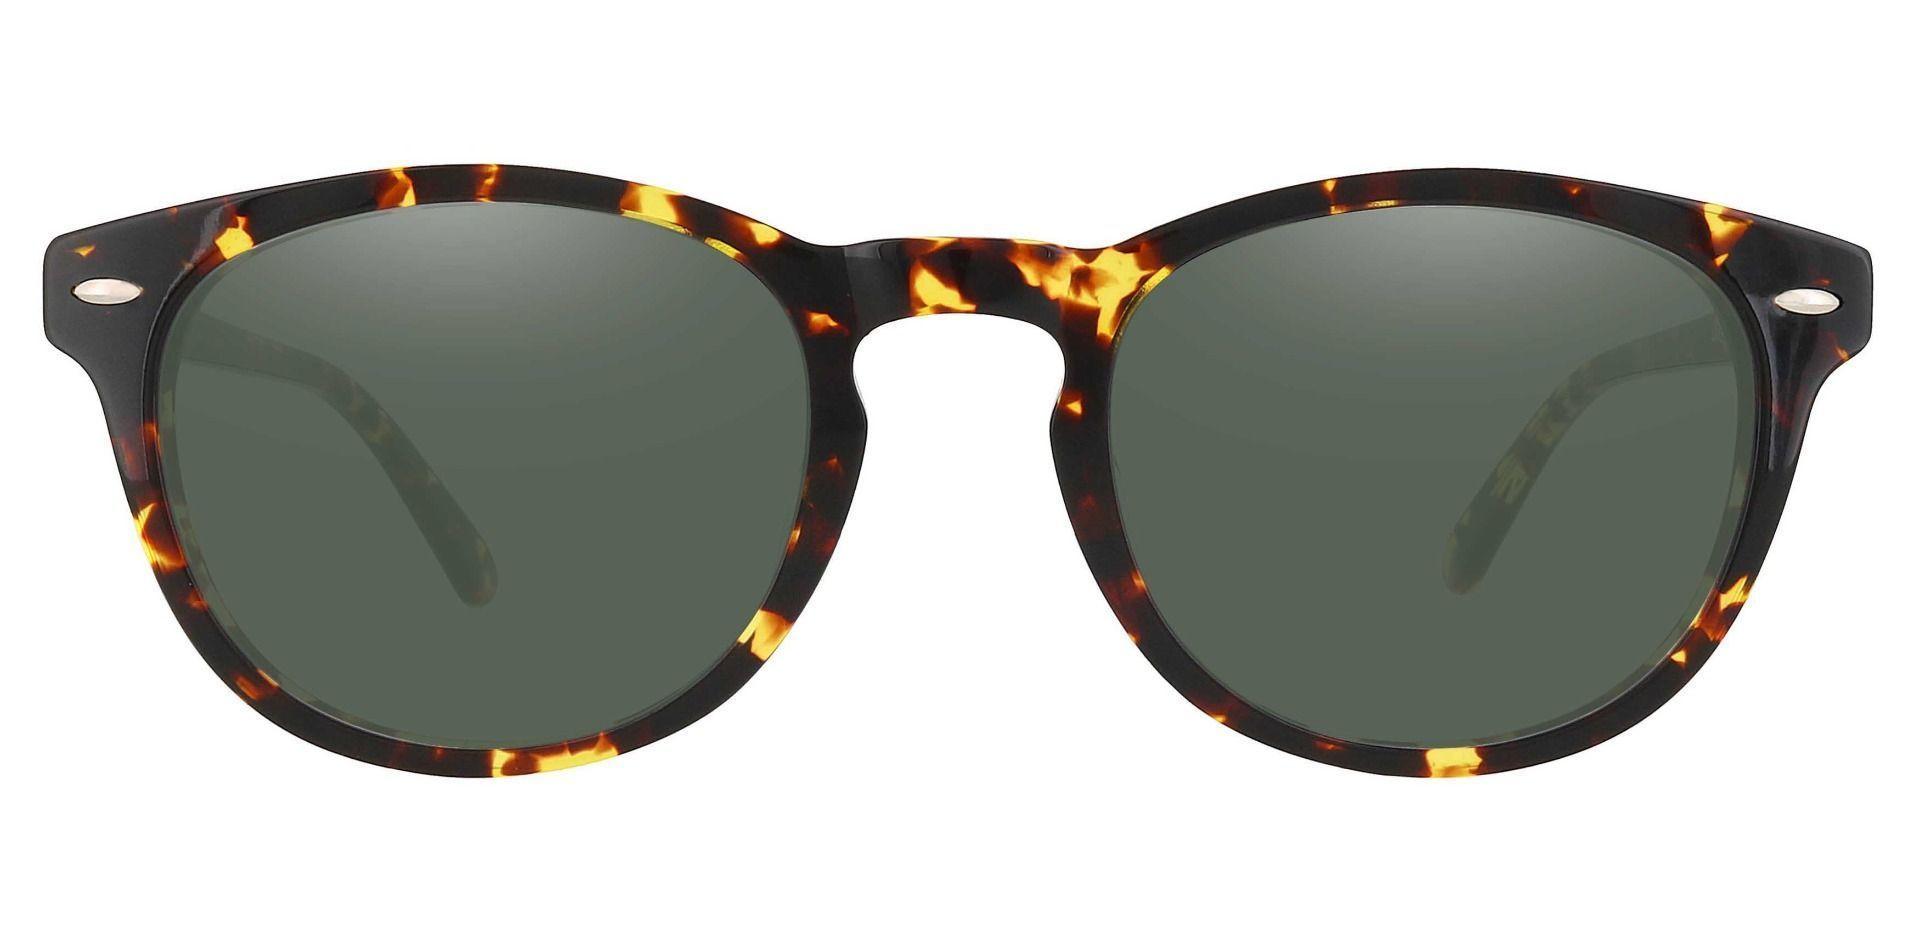 Laguna Oval Reading Sunglasses - Tortoise Frame With Green Lenses